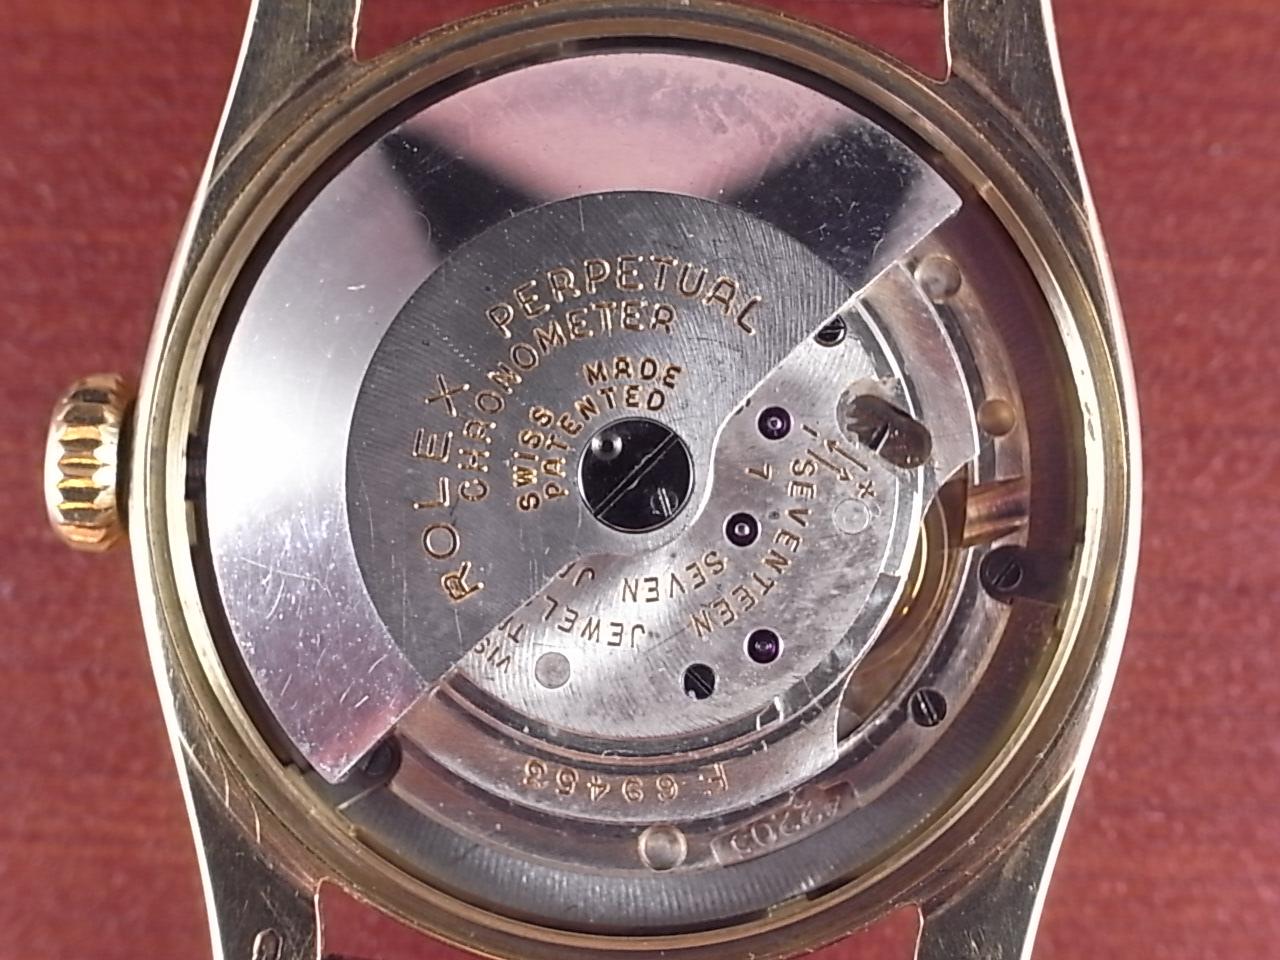 ロレックス 14KYG セミバブルバック スーパーオイスター ギョーシェDL 1950年代の写真5枚目